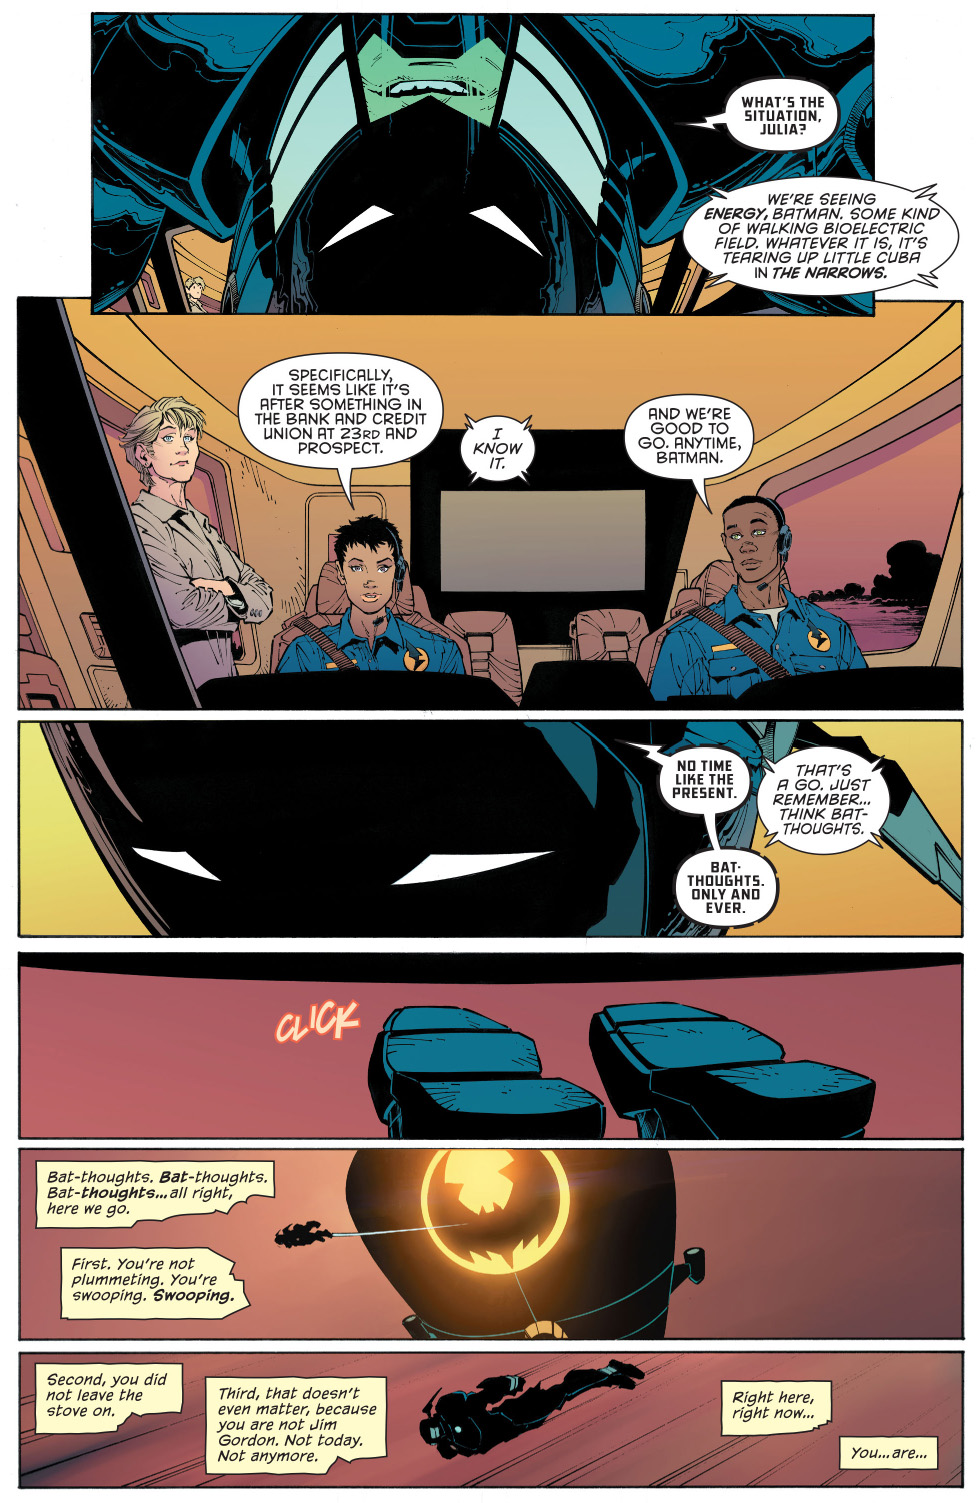 jim gordon as the new batman